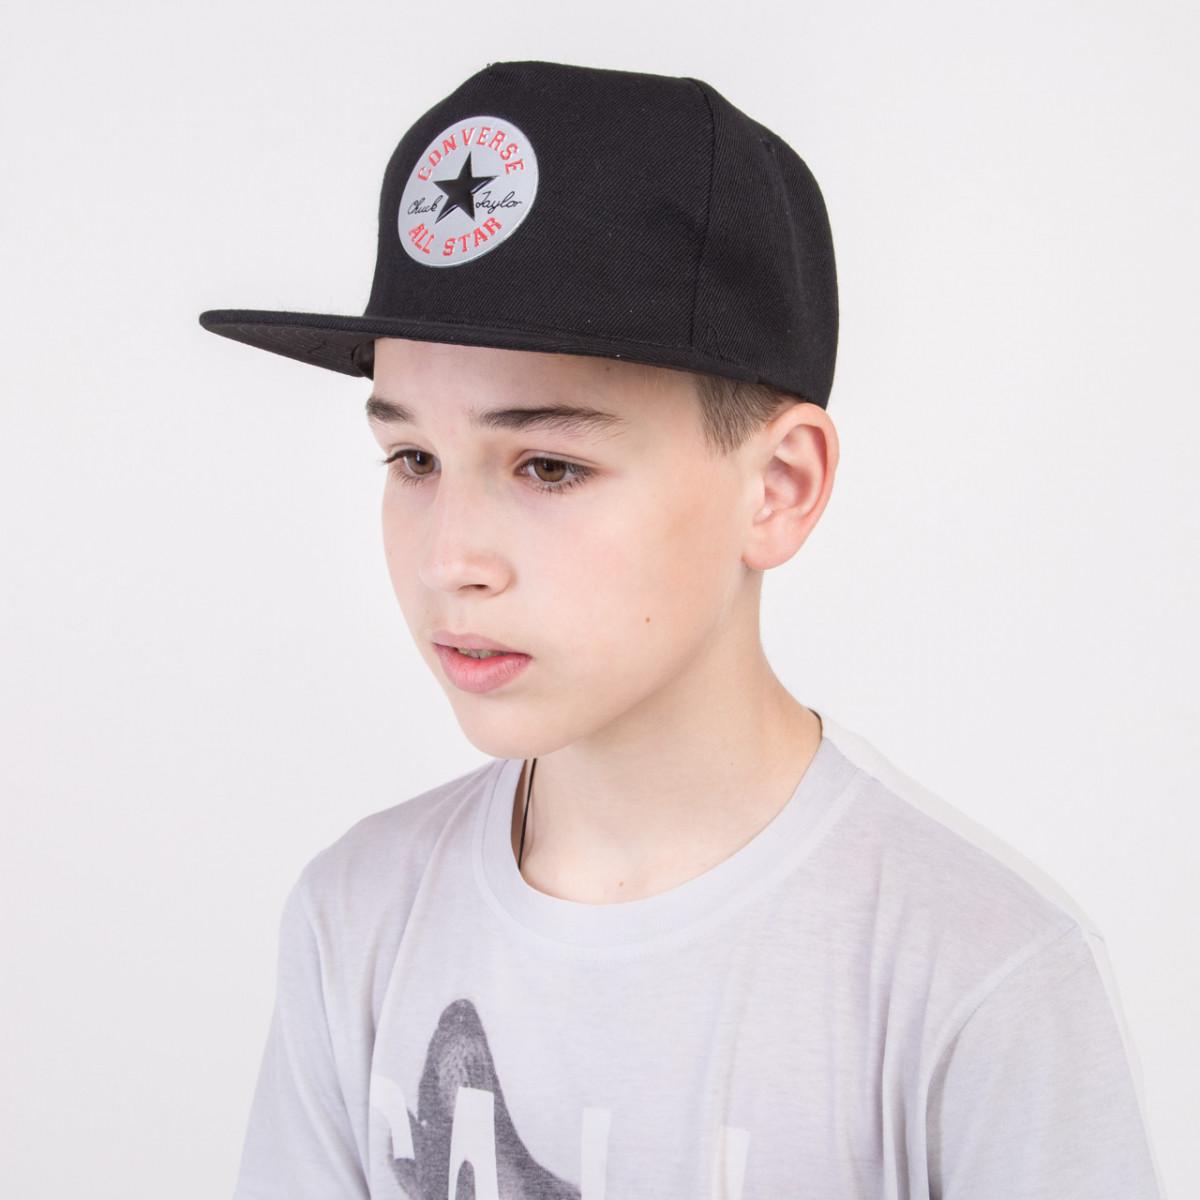 Стильная кепка Snapback для мальчика оптом - Star - 82018-55